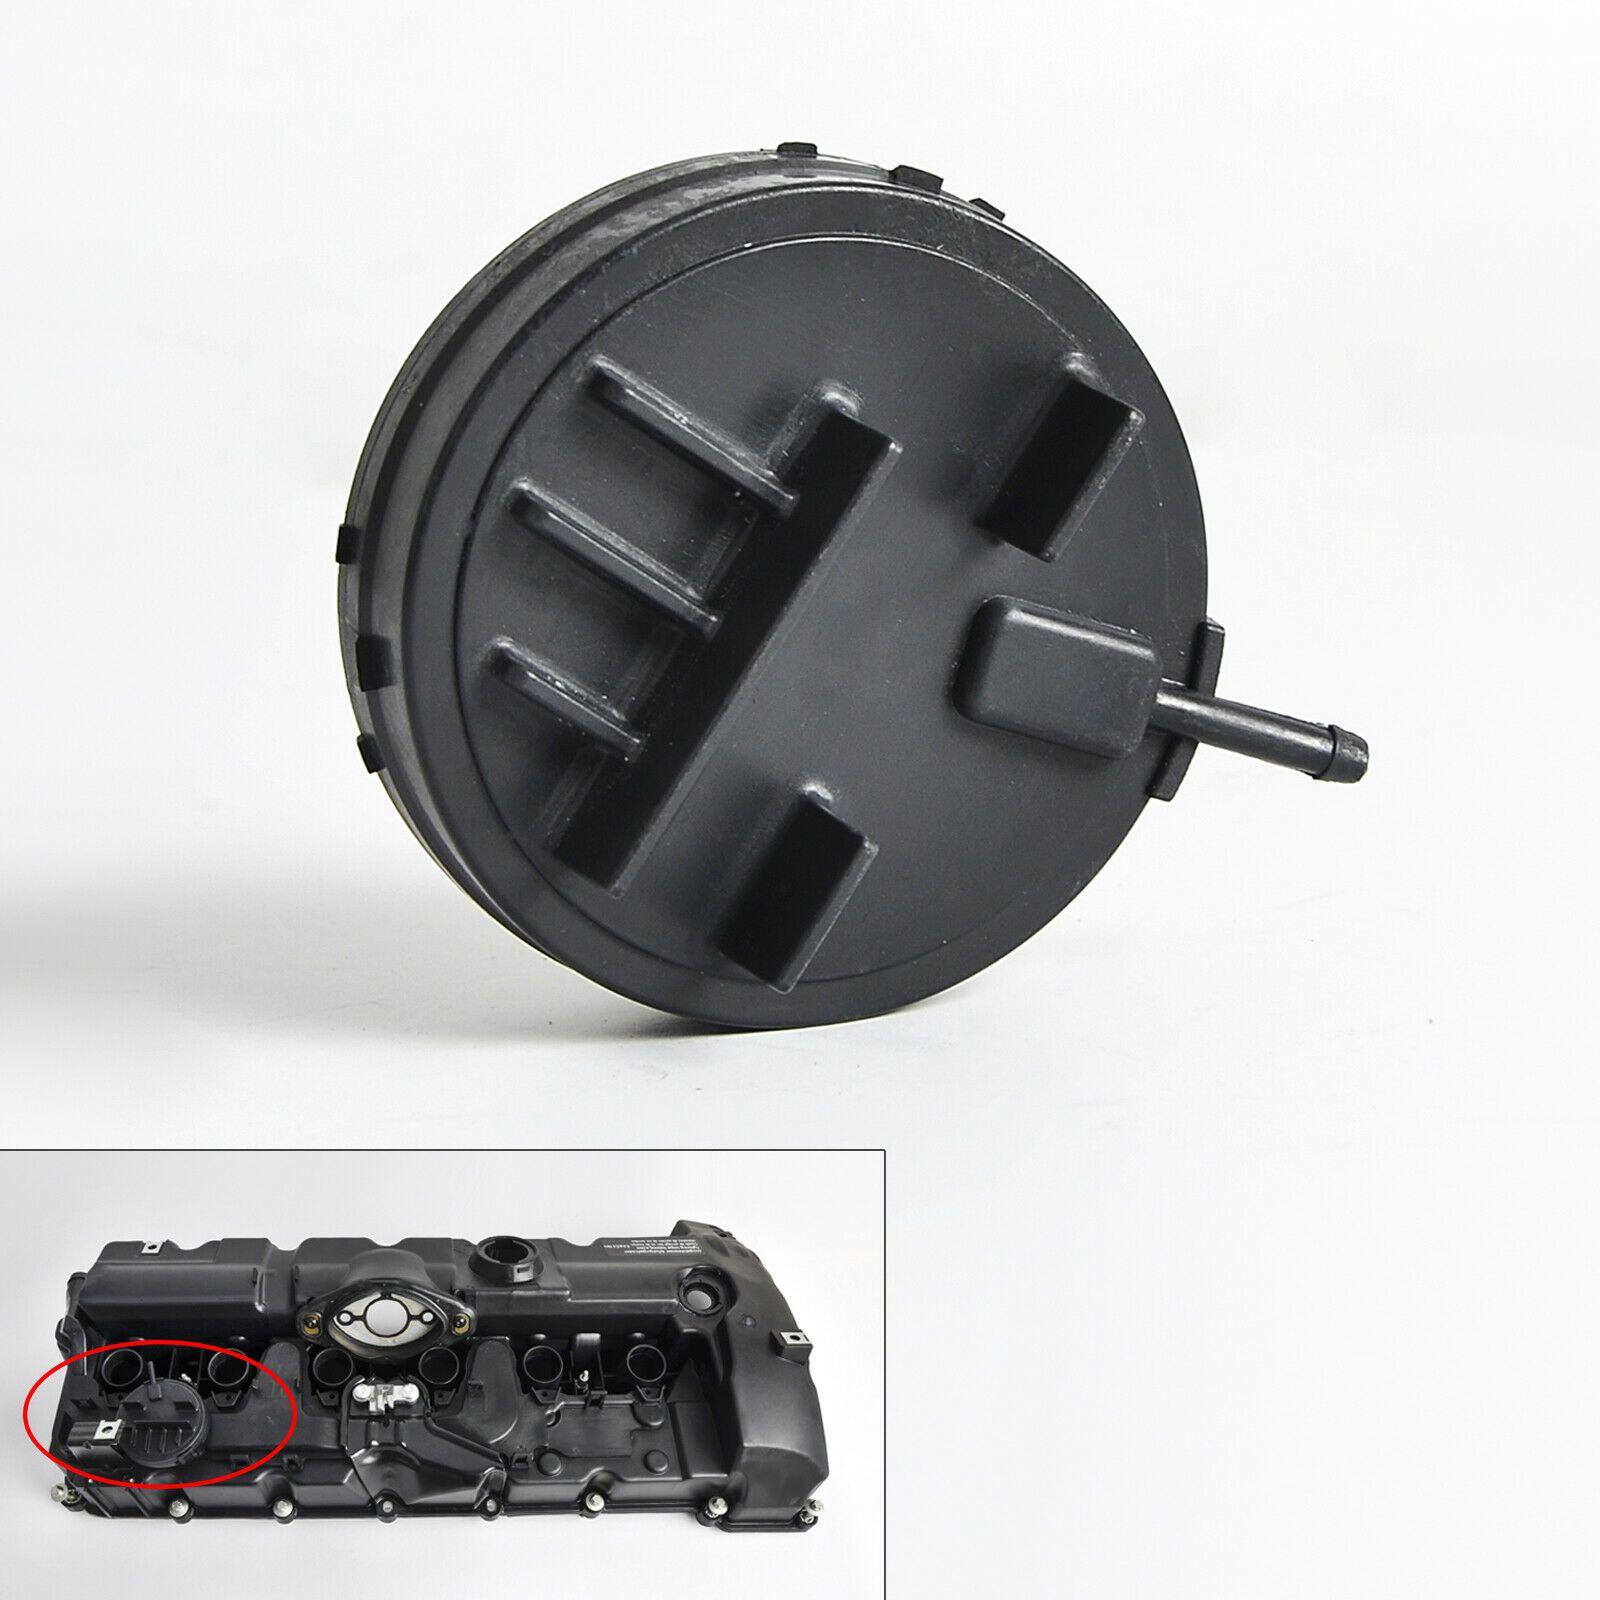 Diafragma com tampa da tampa de válvulas PCV BMW 325 330 2006 a 2012; 130 2005 a 2011; X1 28i 2008 a 2015; X3 2.5 e 3.0 2006 a 2010; X5 3.0 07/13;530 06/10; Z4 30i 09/16; Motor N52